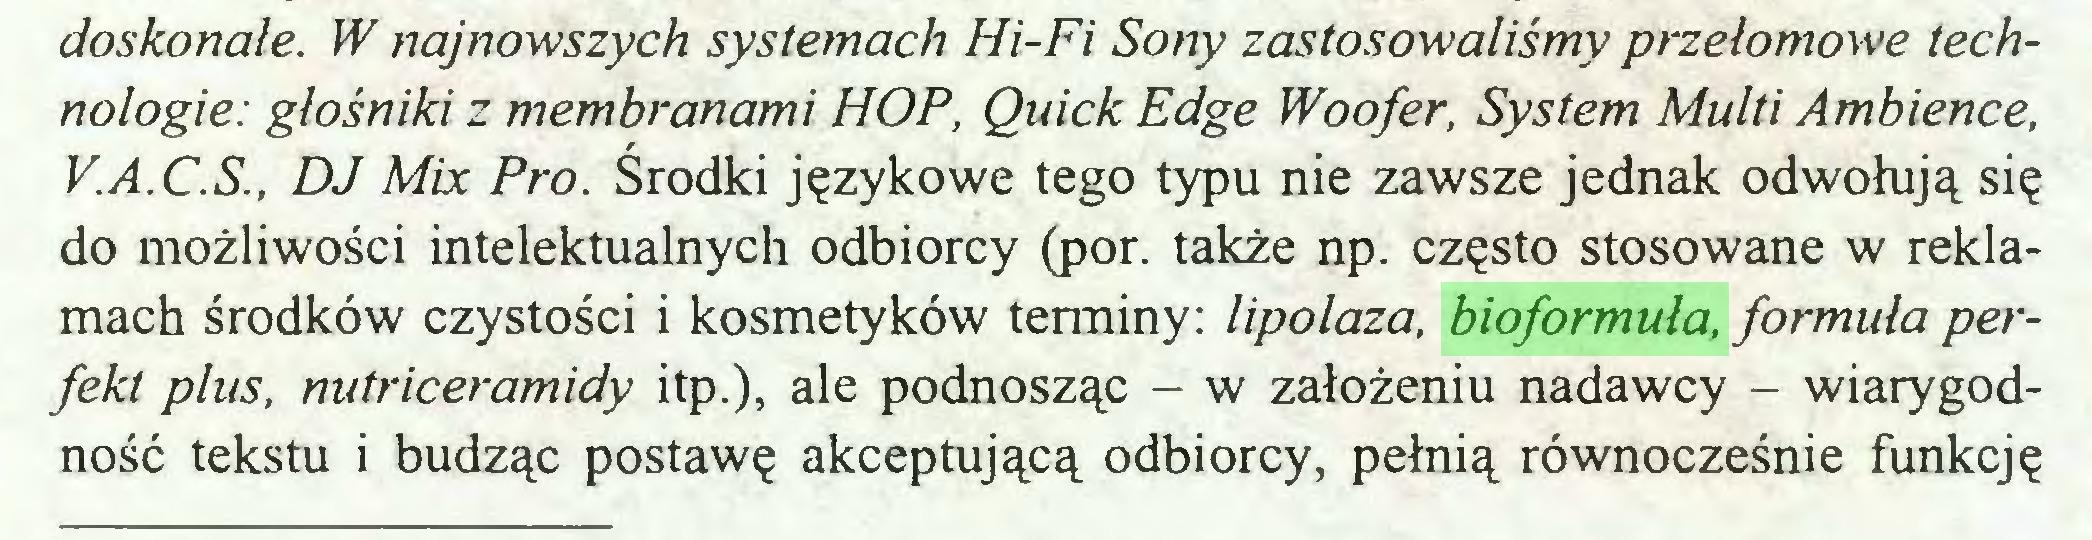 (...) doskonałe. W najnowszych systemach Hi-Fi Sony zastosowaliśmy przełomowe technologie: głośniki z membranami HOP, Quick Edge Woofer, System Multi Ambience, V.A.C.S., DJ Mix Pro. Środki językowe tego typu nie zawsze jednak odwołują się do możliwości intelektualnych odbiorcy (por. także np. często stosowane w reklamach środków czystości i kosmetyków terminy: lipolaza, bioformuła, formuła perfekt plus, nutriceramidy itp.), ale podnosząc — w założeniu nadawcy - wiarygodność tekstu i budząc postawę akceptującą odbiorcy, pełnią równocześnie funkcję...